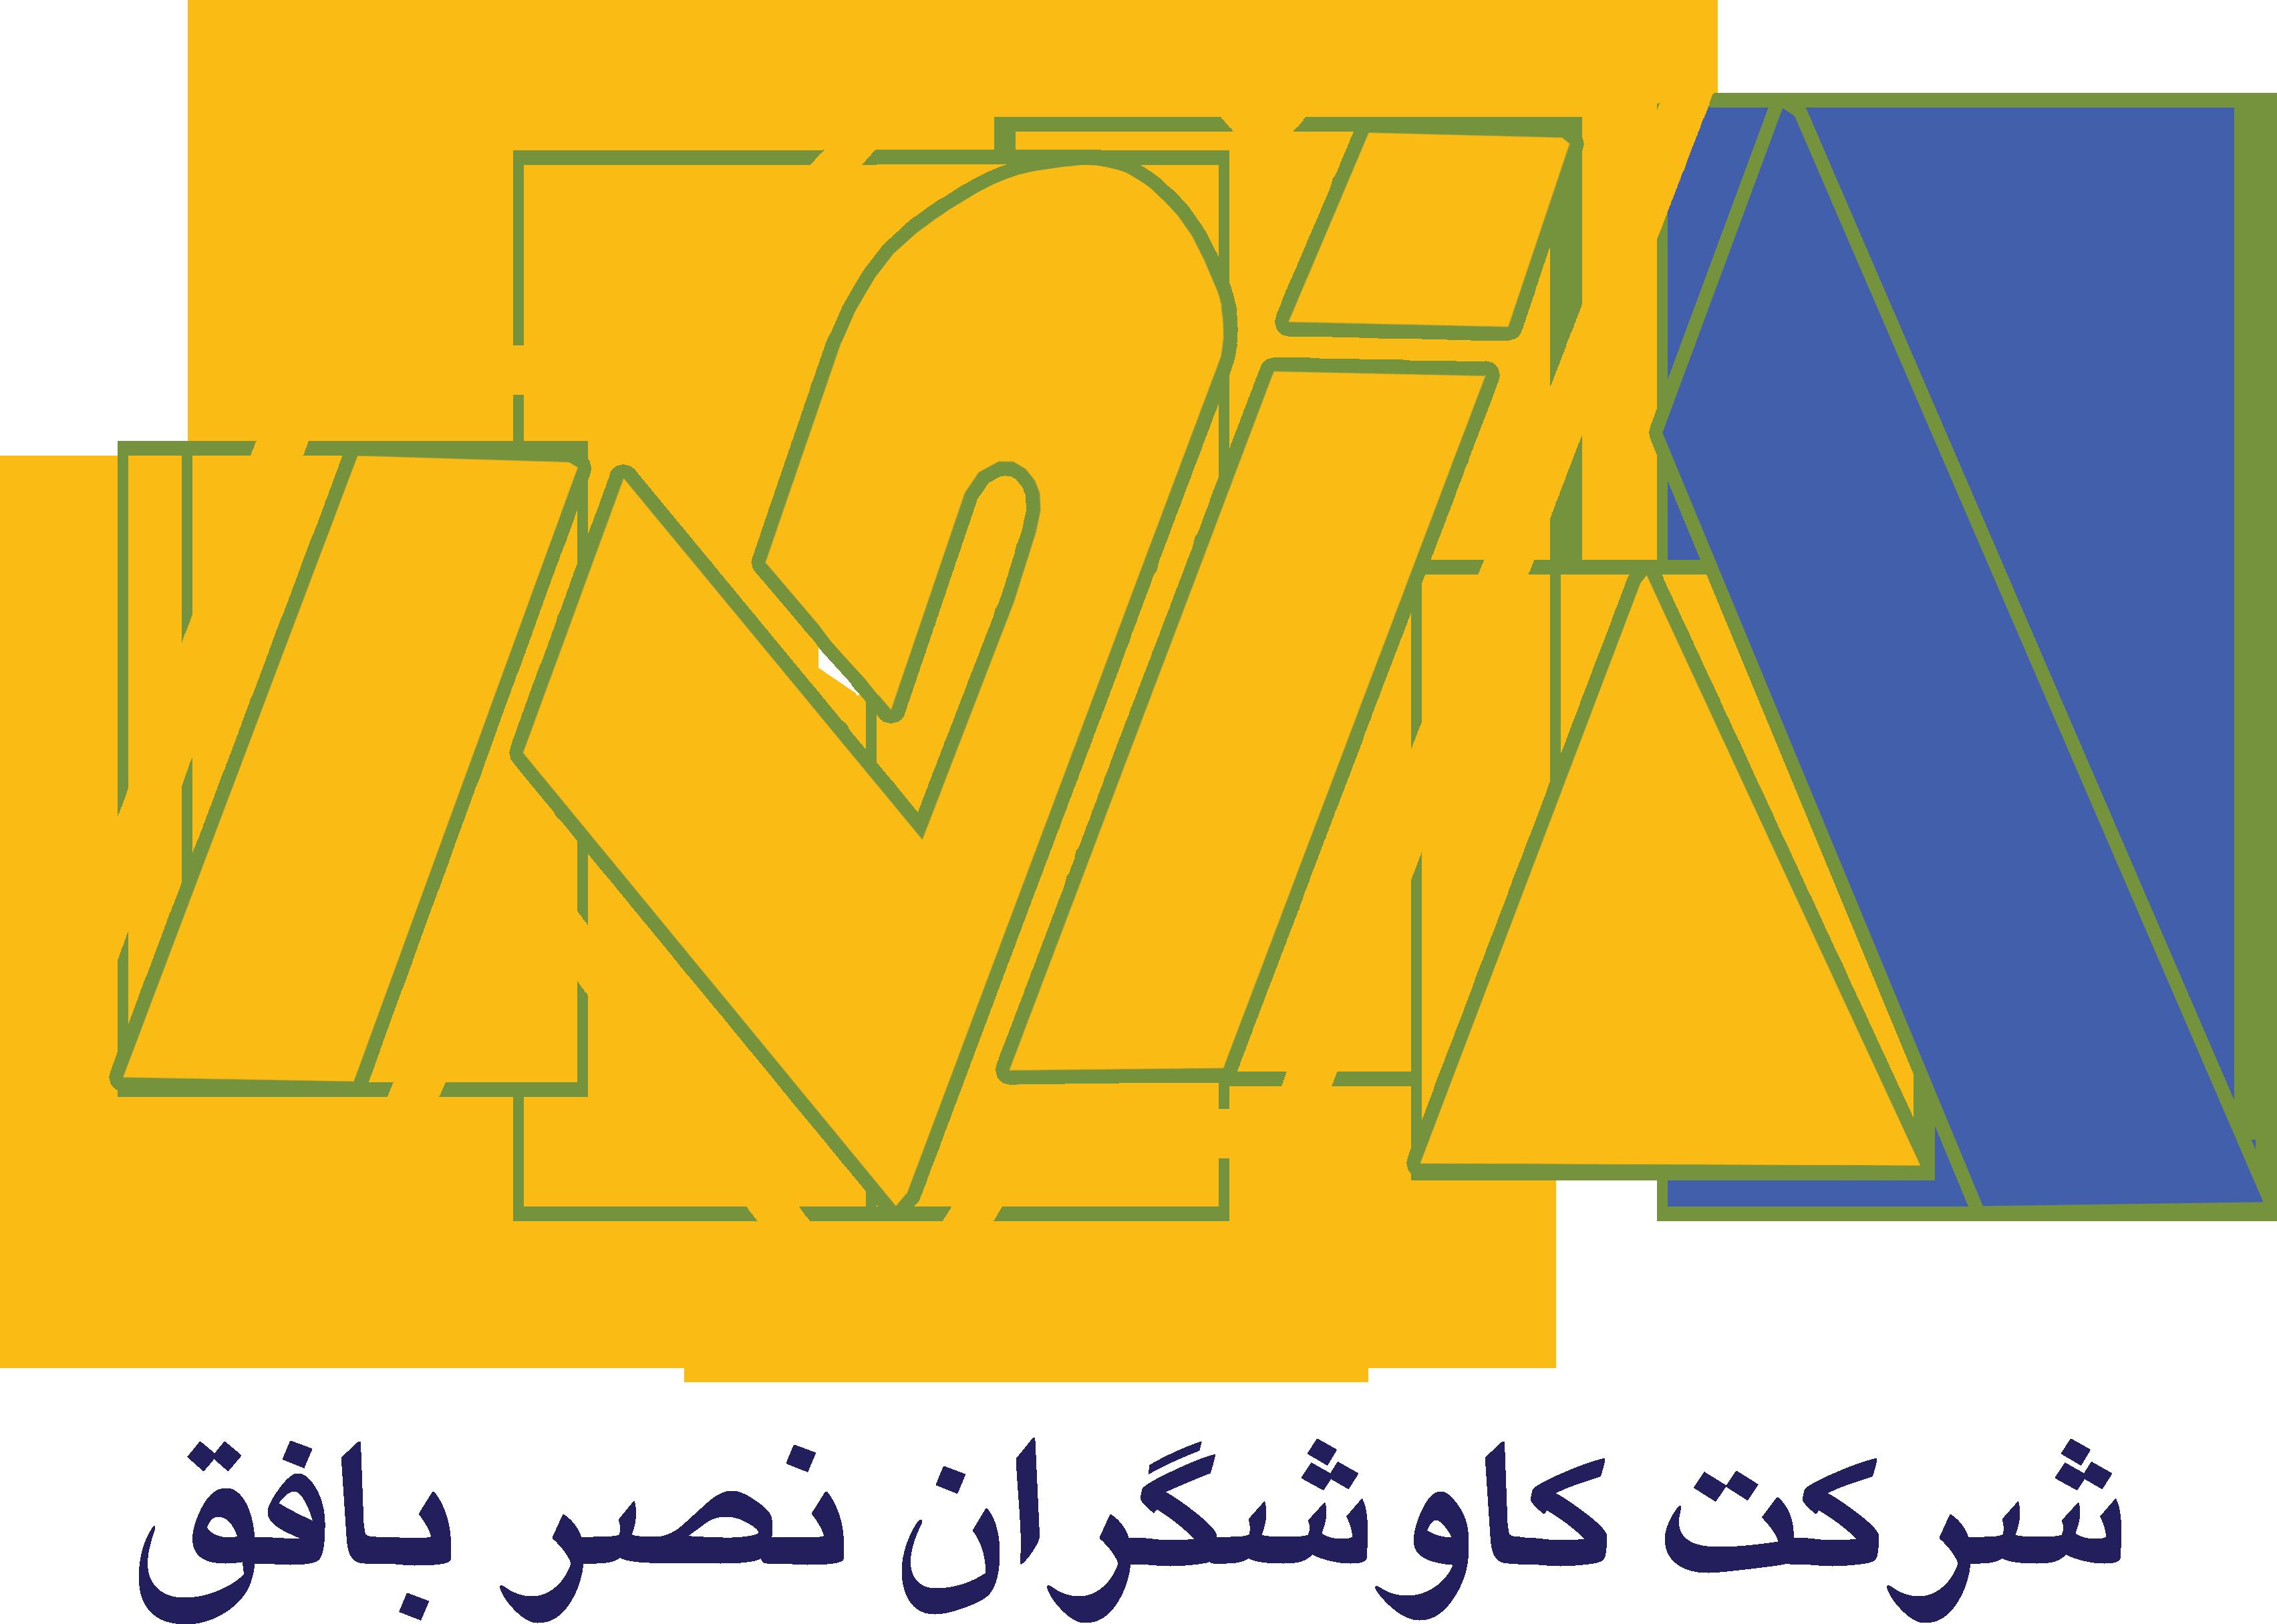 شرکت کاوشگران نصر بافق